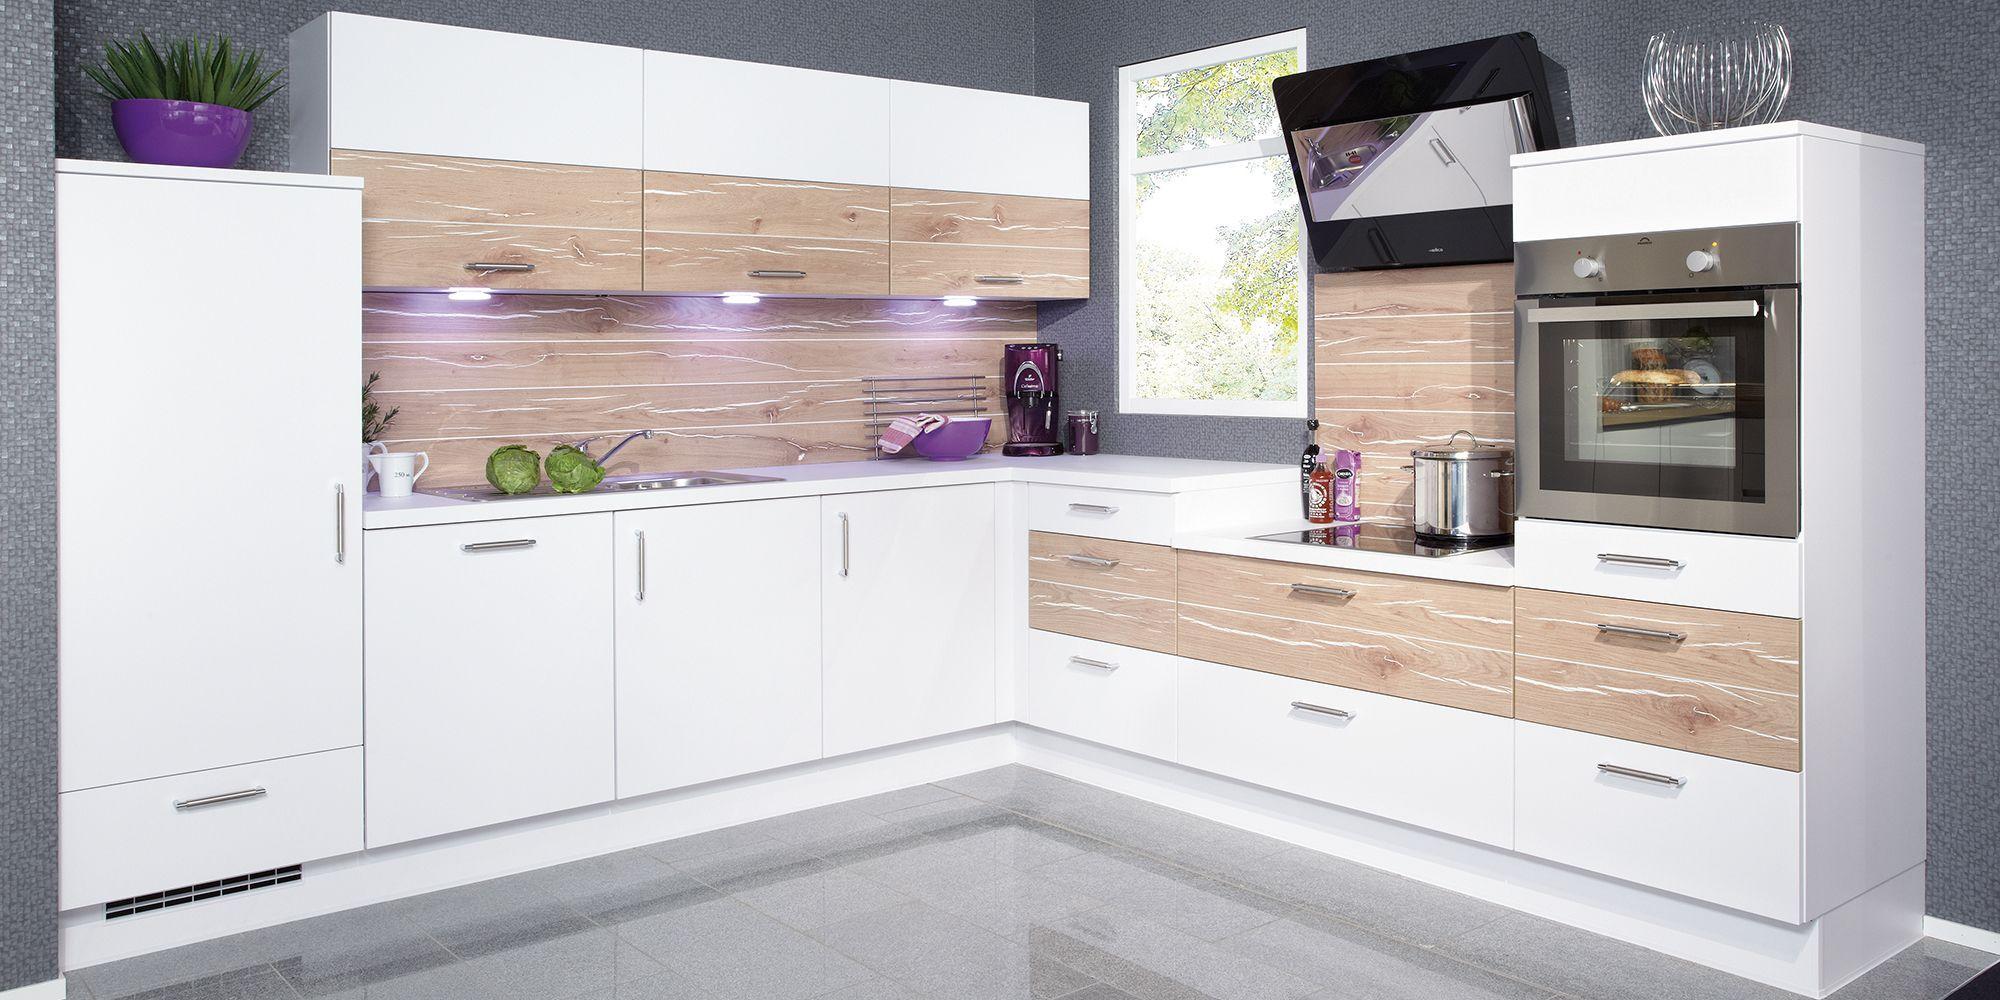 Modele De Bucatarii Moderne.Bucatarii Moderne Albe Căutare Google In 2019 Bucătării